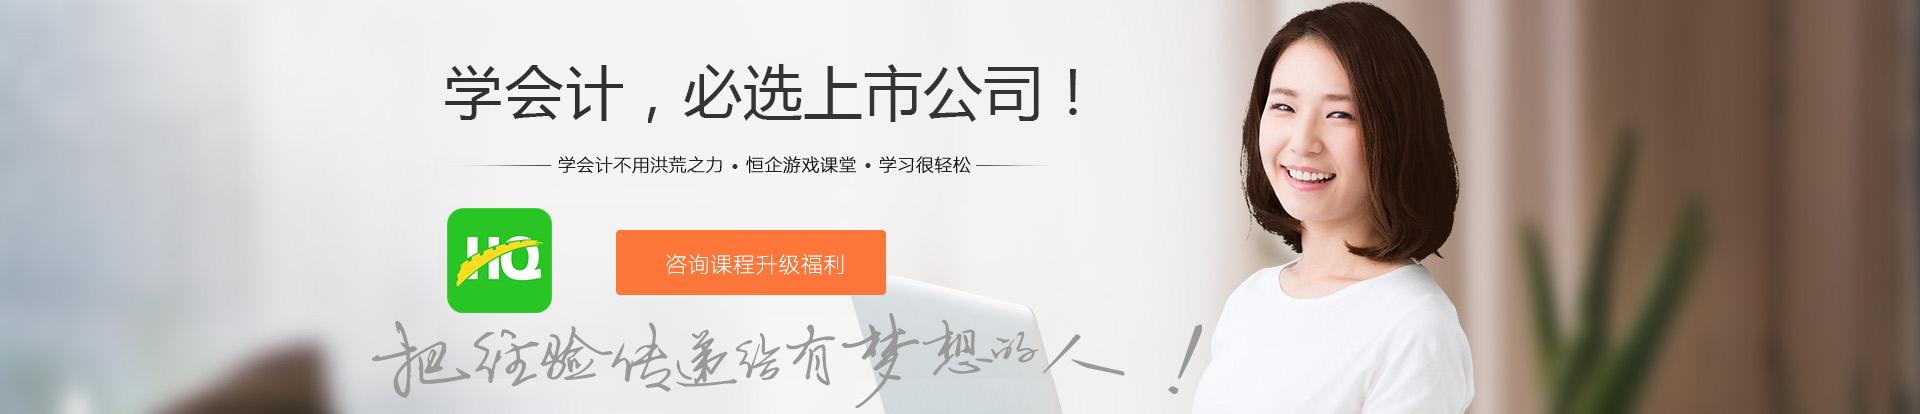 禹州恒企会计betway体育app学校 横幅广告